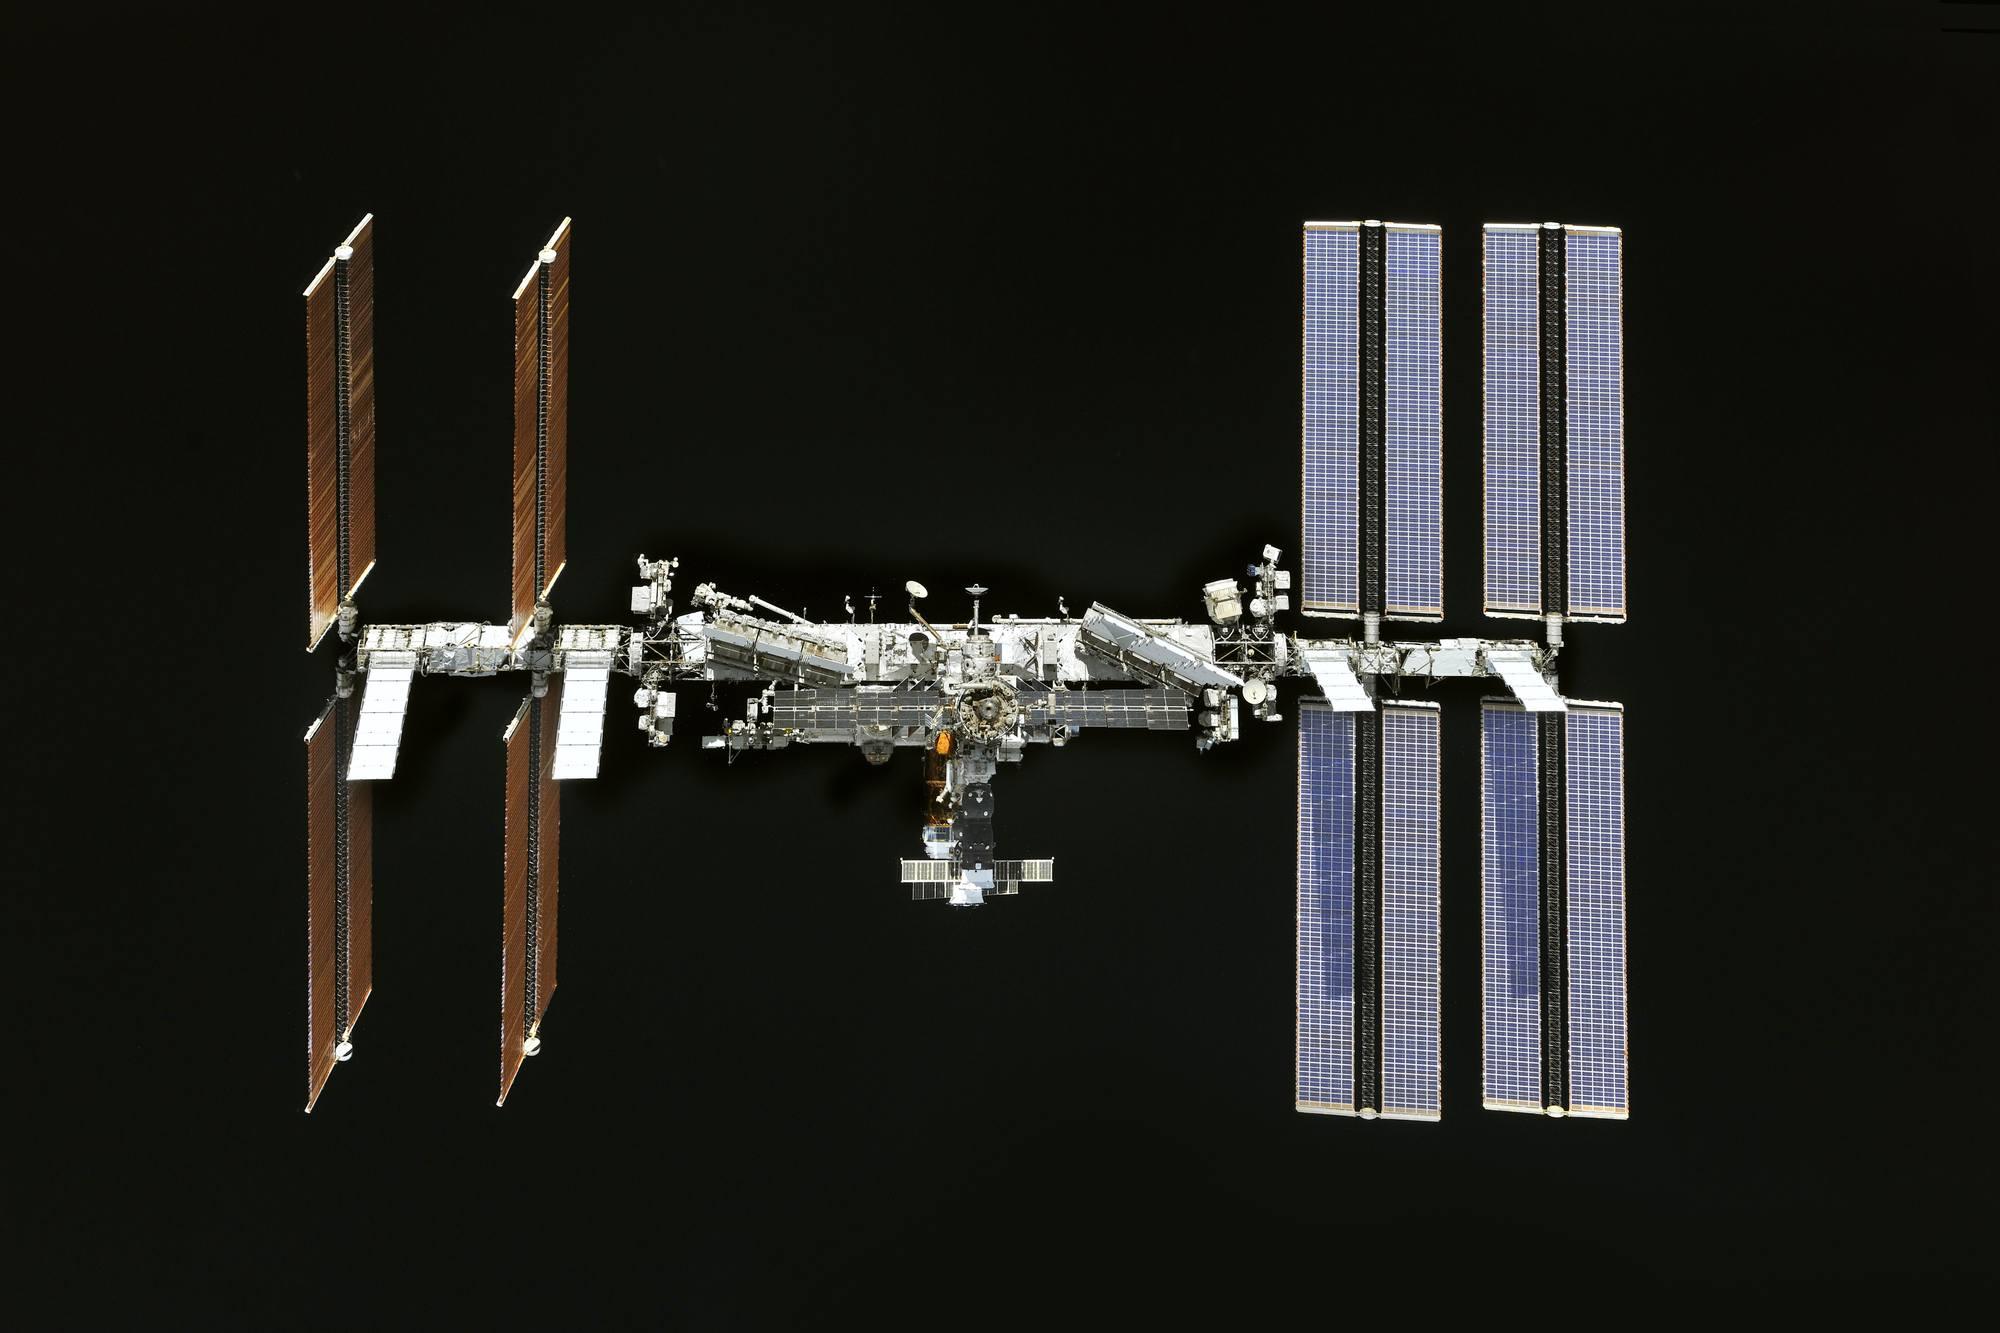 L'ISS sur le fond noir de l'espace.